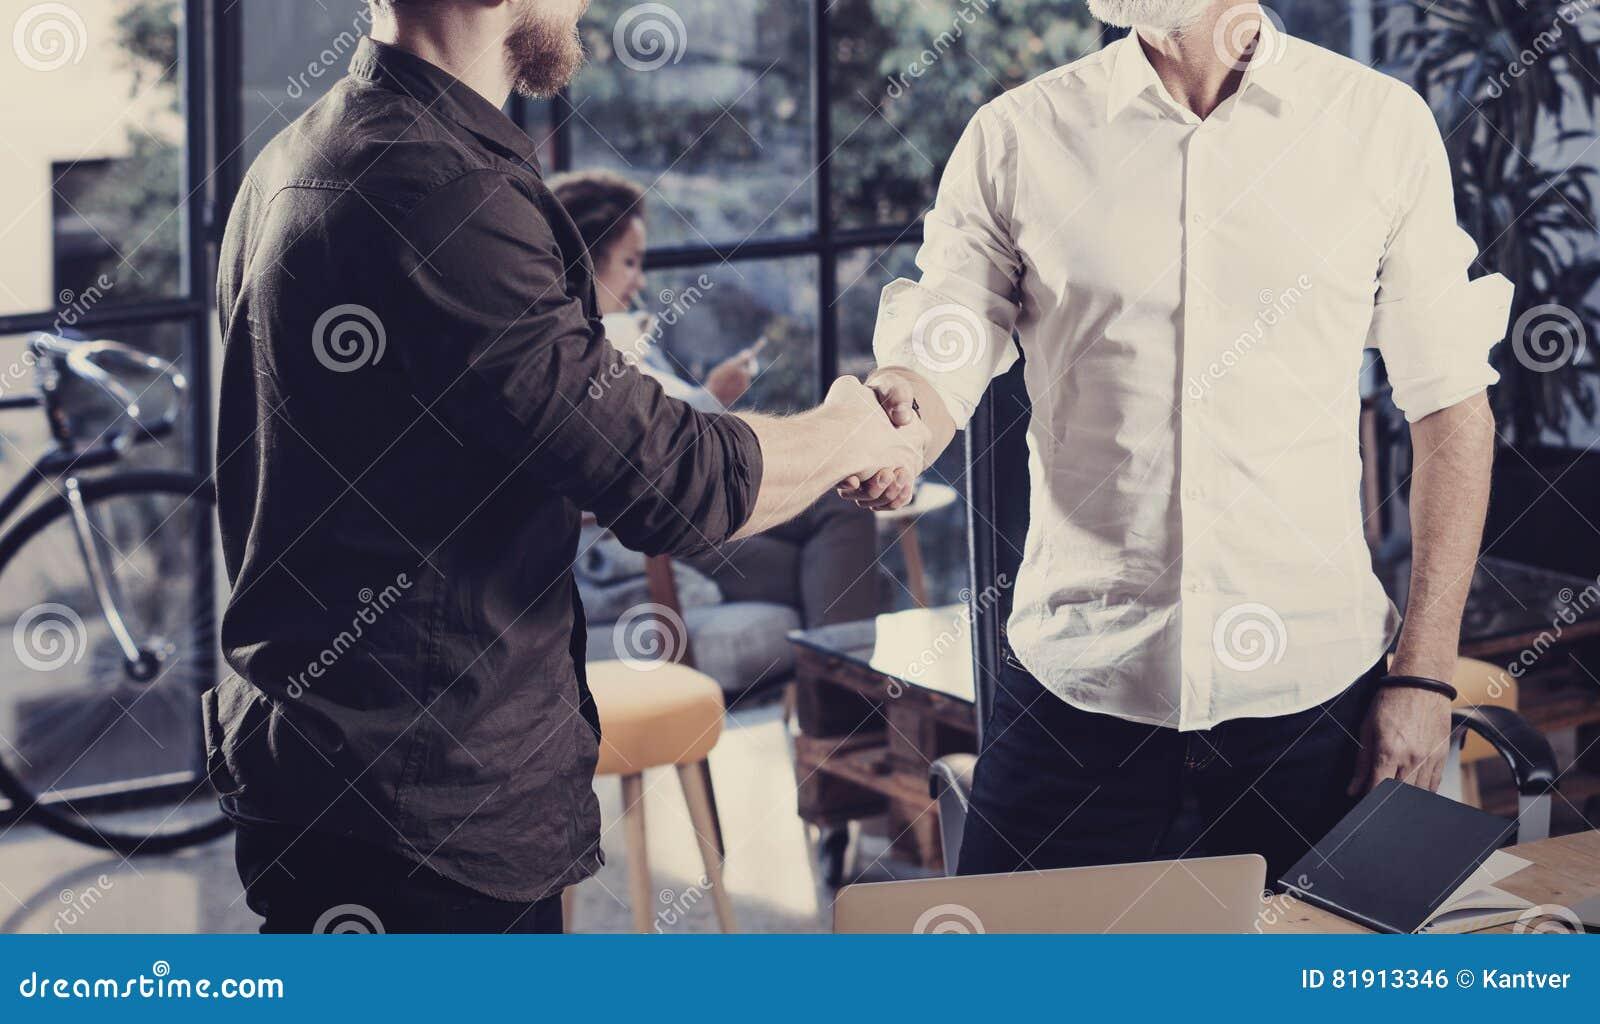 Pojęcie biznesowy partnerstwo uścisk dłoni Zbliżenie fotografii dwa businessmans handshaking proces Pomyślna transakcja po wielki